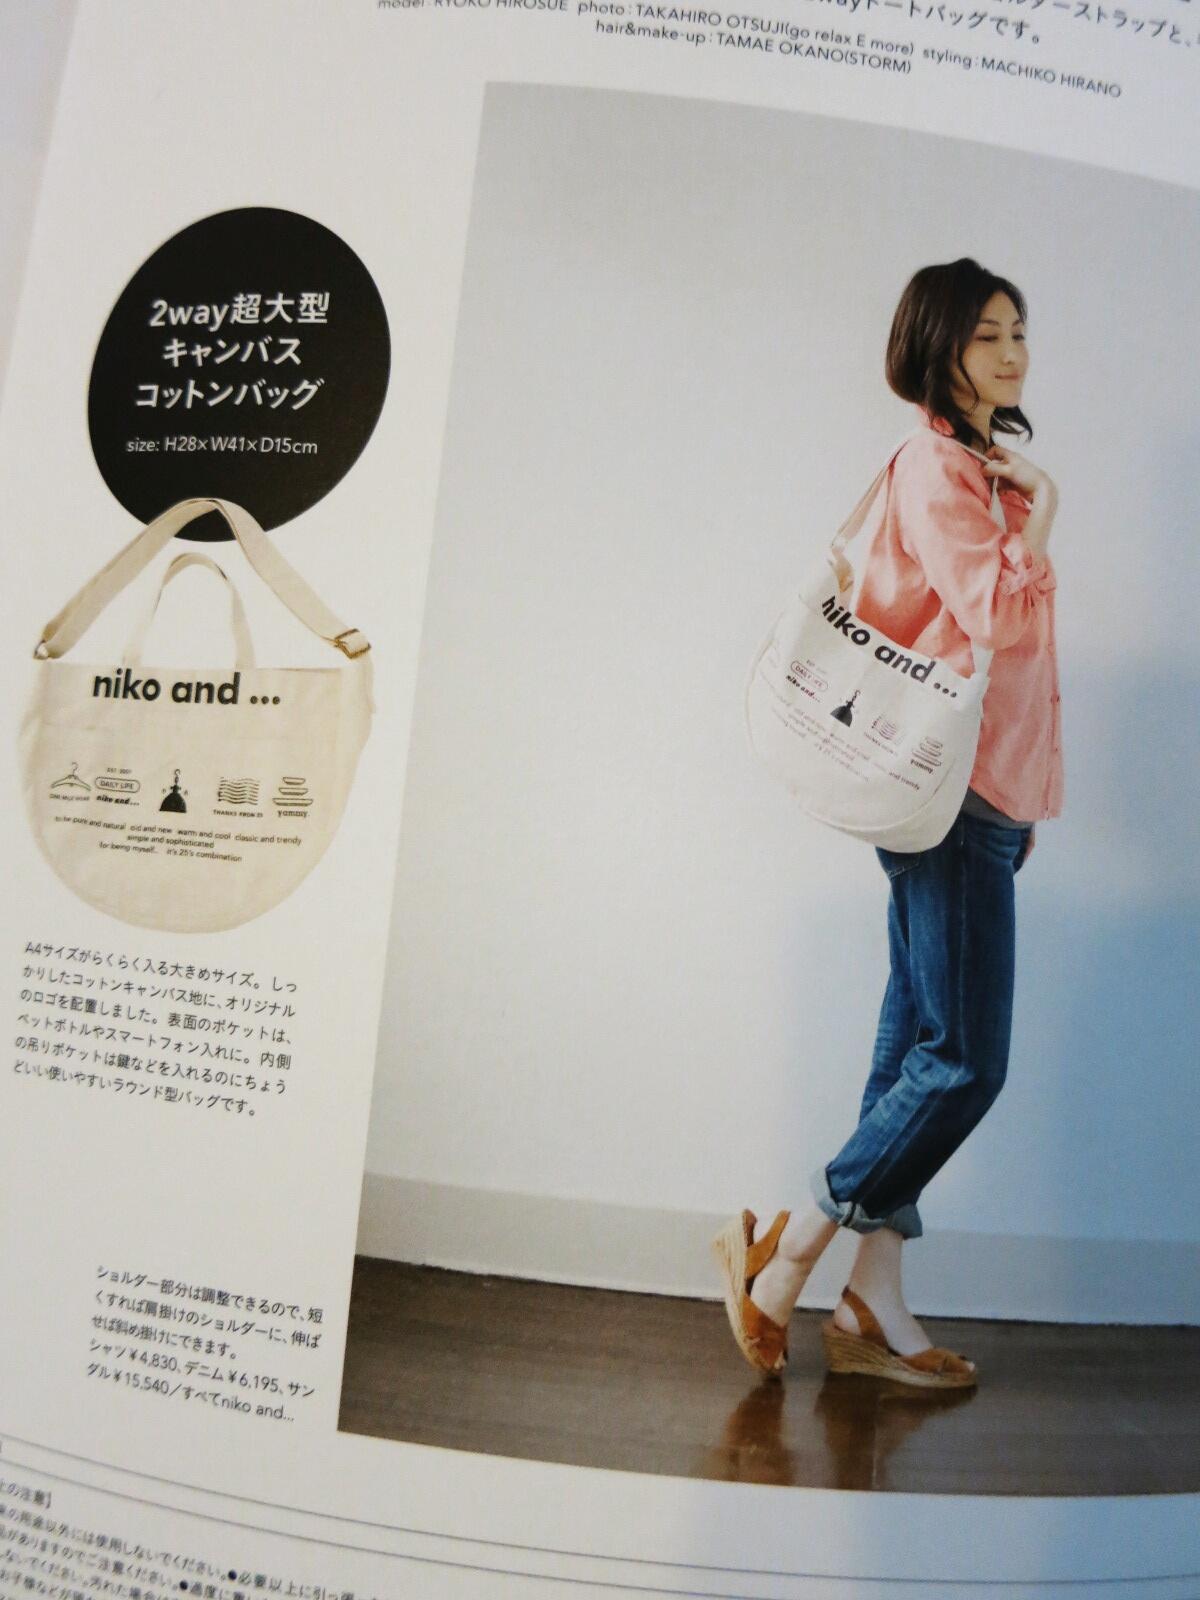 下山ちう♪ niko and…ムック本_f0236260_1155219.jpg